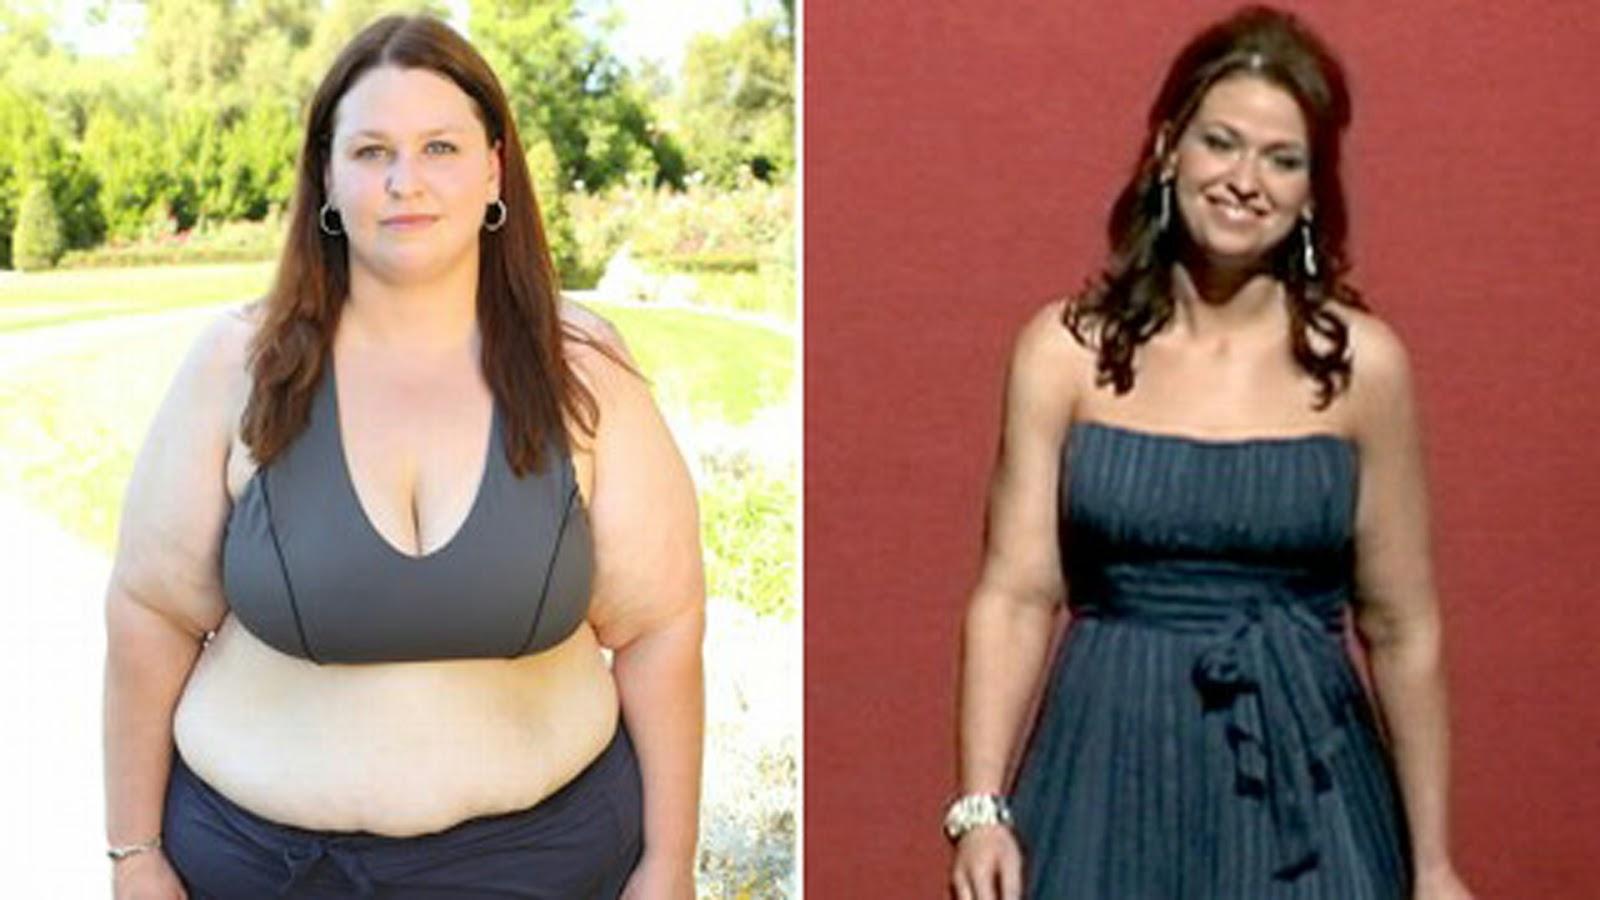 Экстремальное Похудения На Тлс. Мотивирующие передачи про похудение – что смотреть?